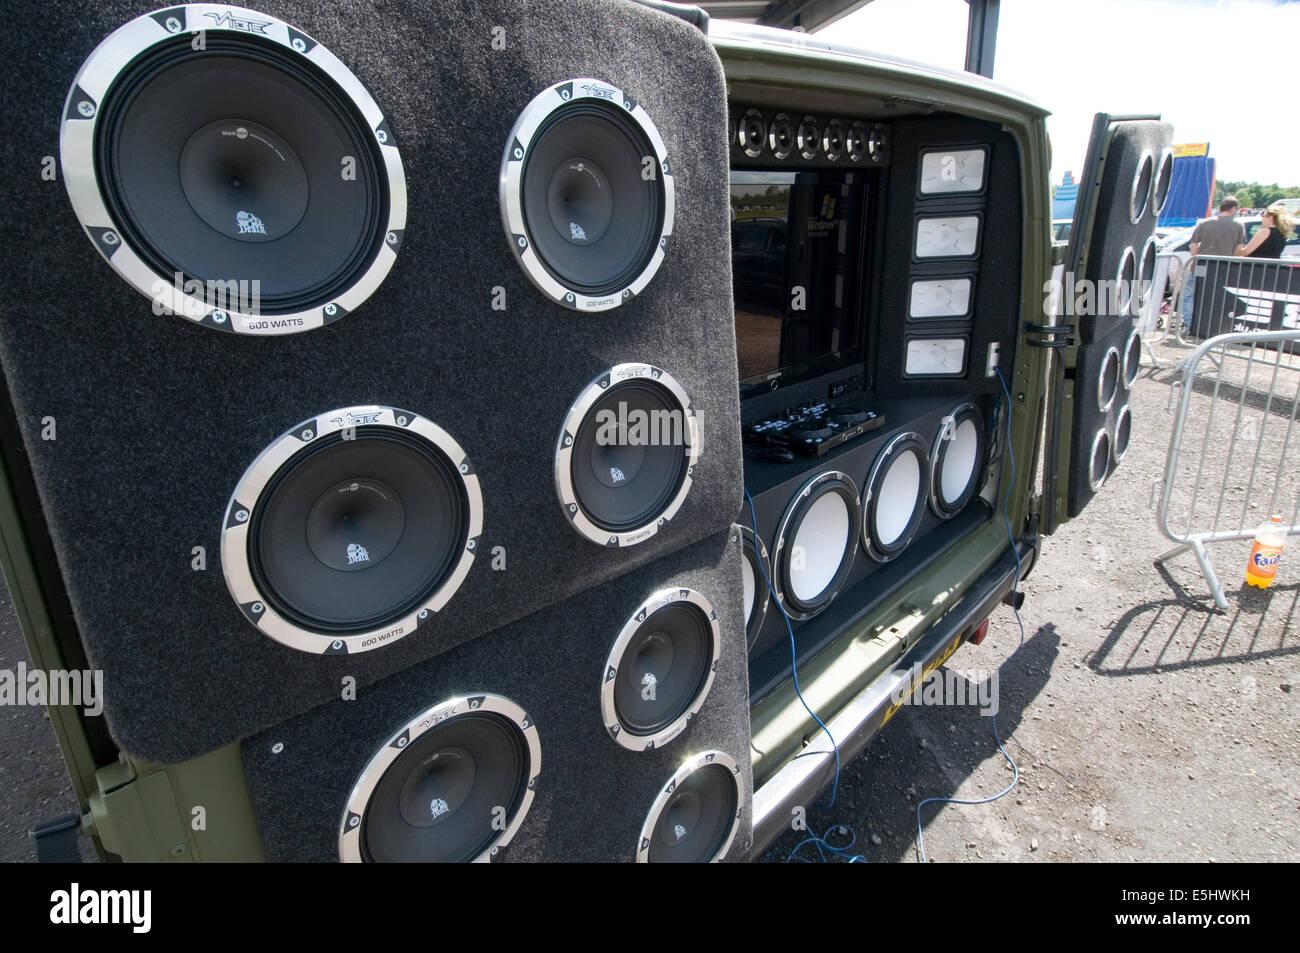 loud car stereo speakers ICE in car entertainment music air pressure woofer woofers tweeter tweeters banging music - Stock Image